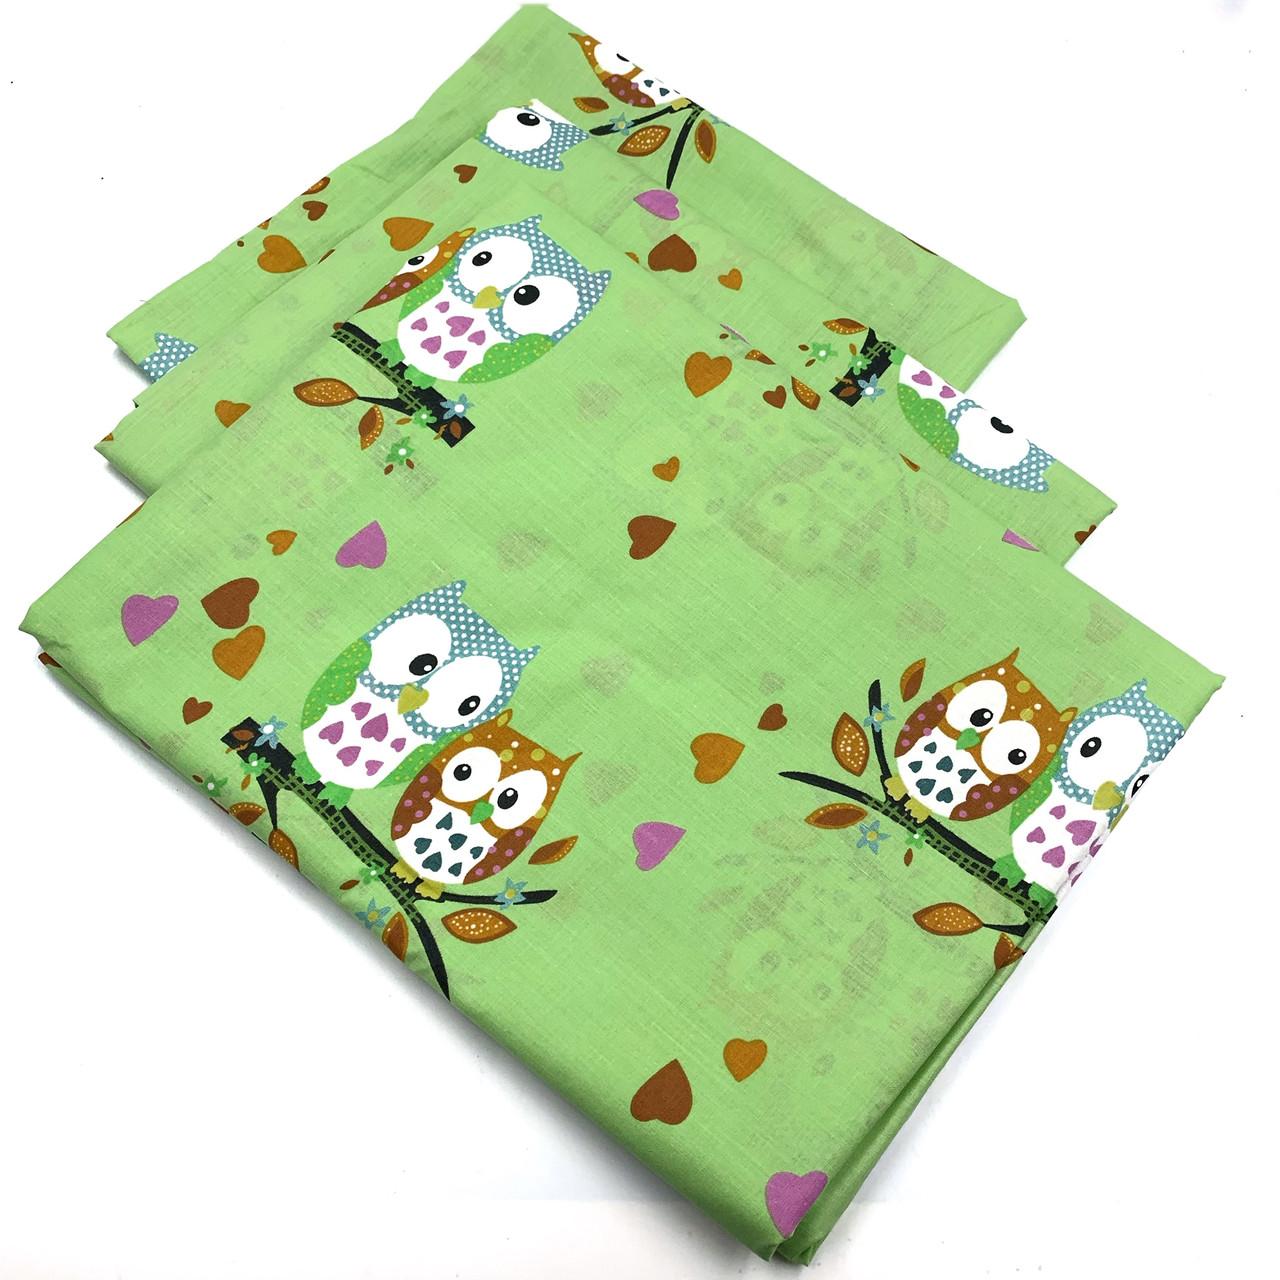 Комплект постельного белья 110*140 из бязи Голд в кроватку Совушки (зеленого  цвета)